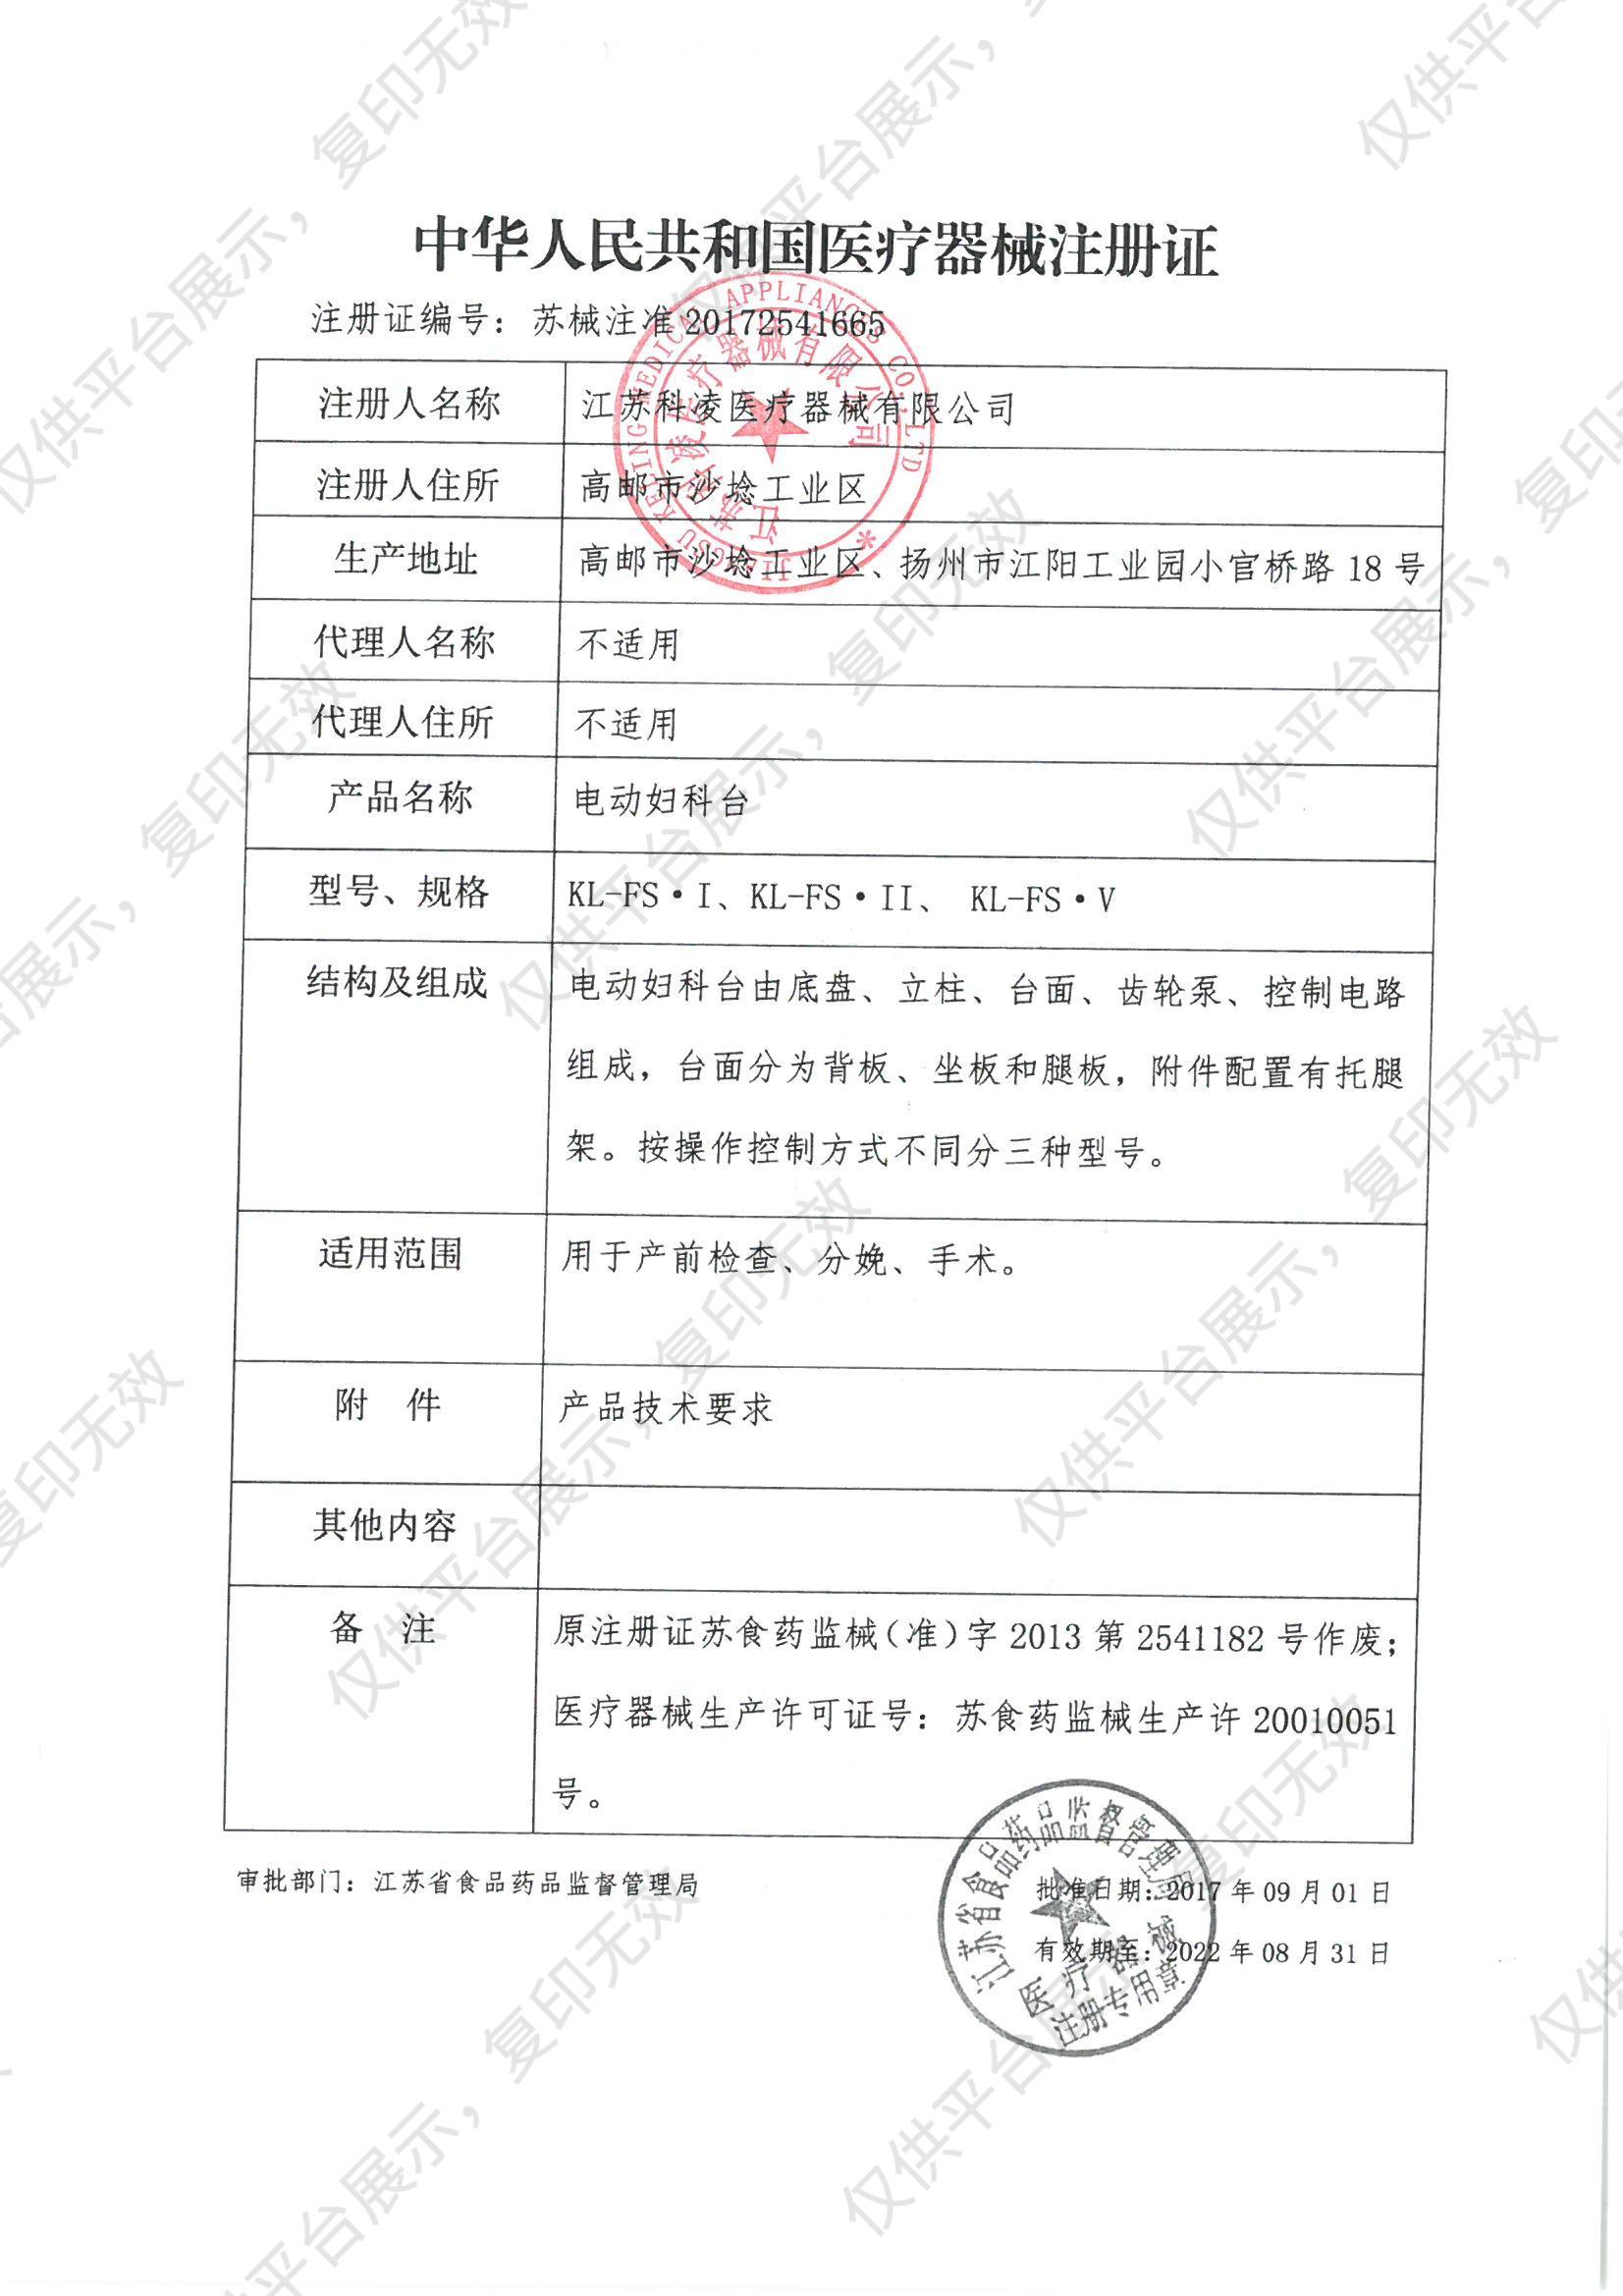 科凌keling 医用护理电动床 KL-FS·II注册证